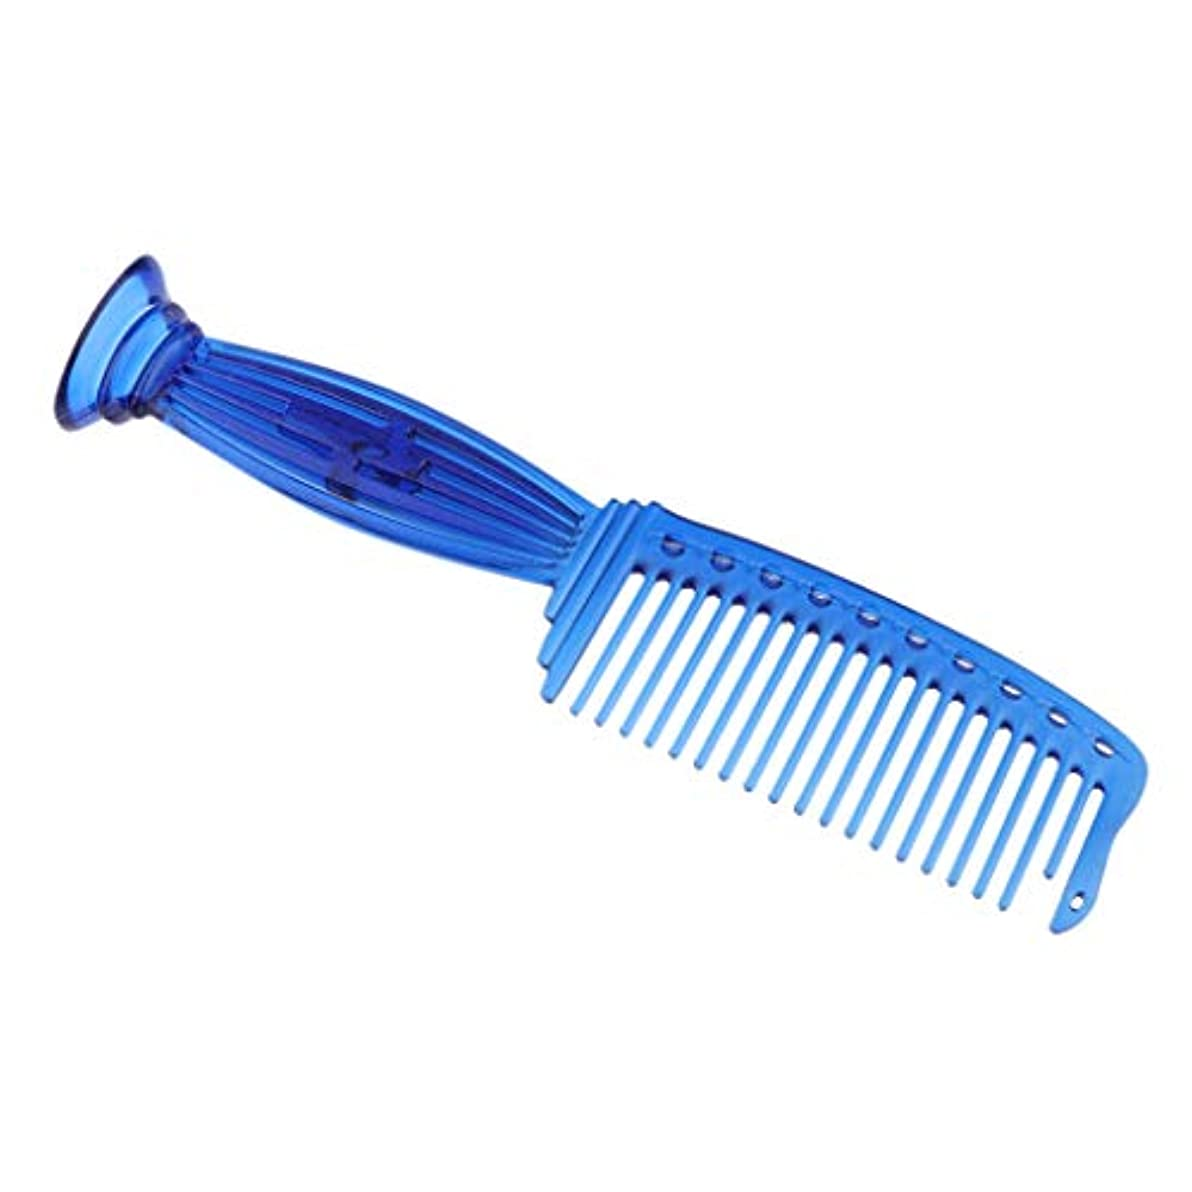 お客様手伝う含めるF Fityle ヘアコーム ヘアブラシ プロ ヘアサロン 理髪師 ワイド歯 プラスチック 5色選べ - 青